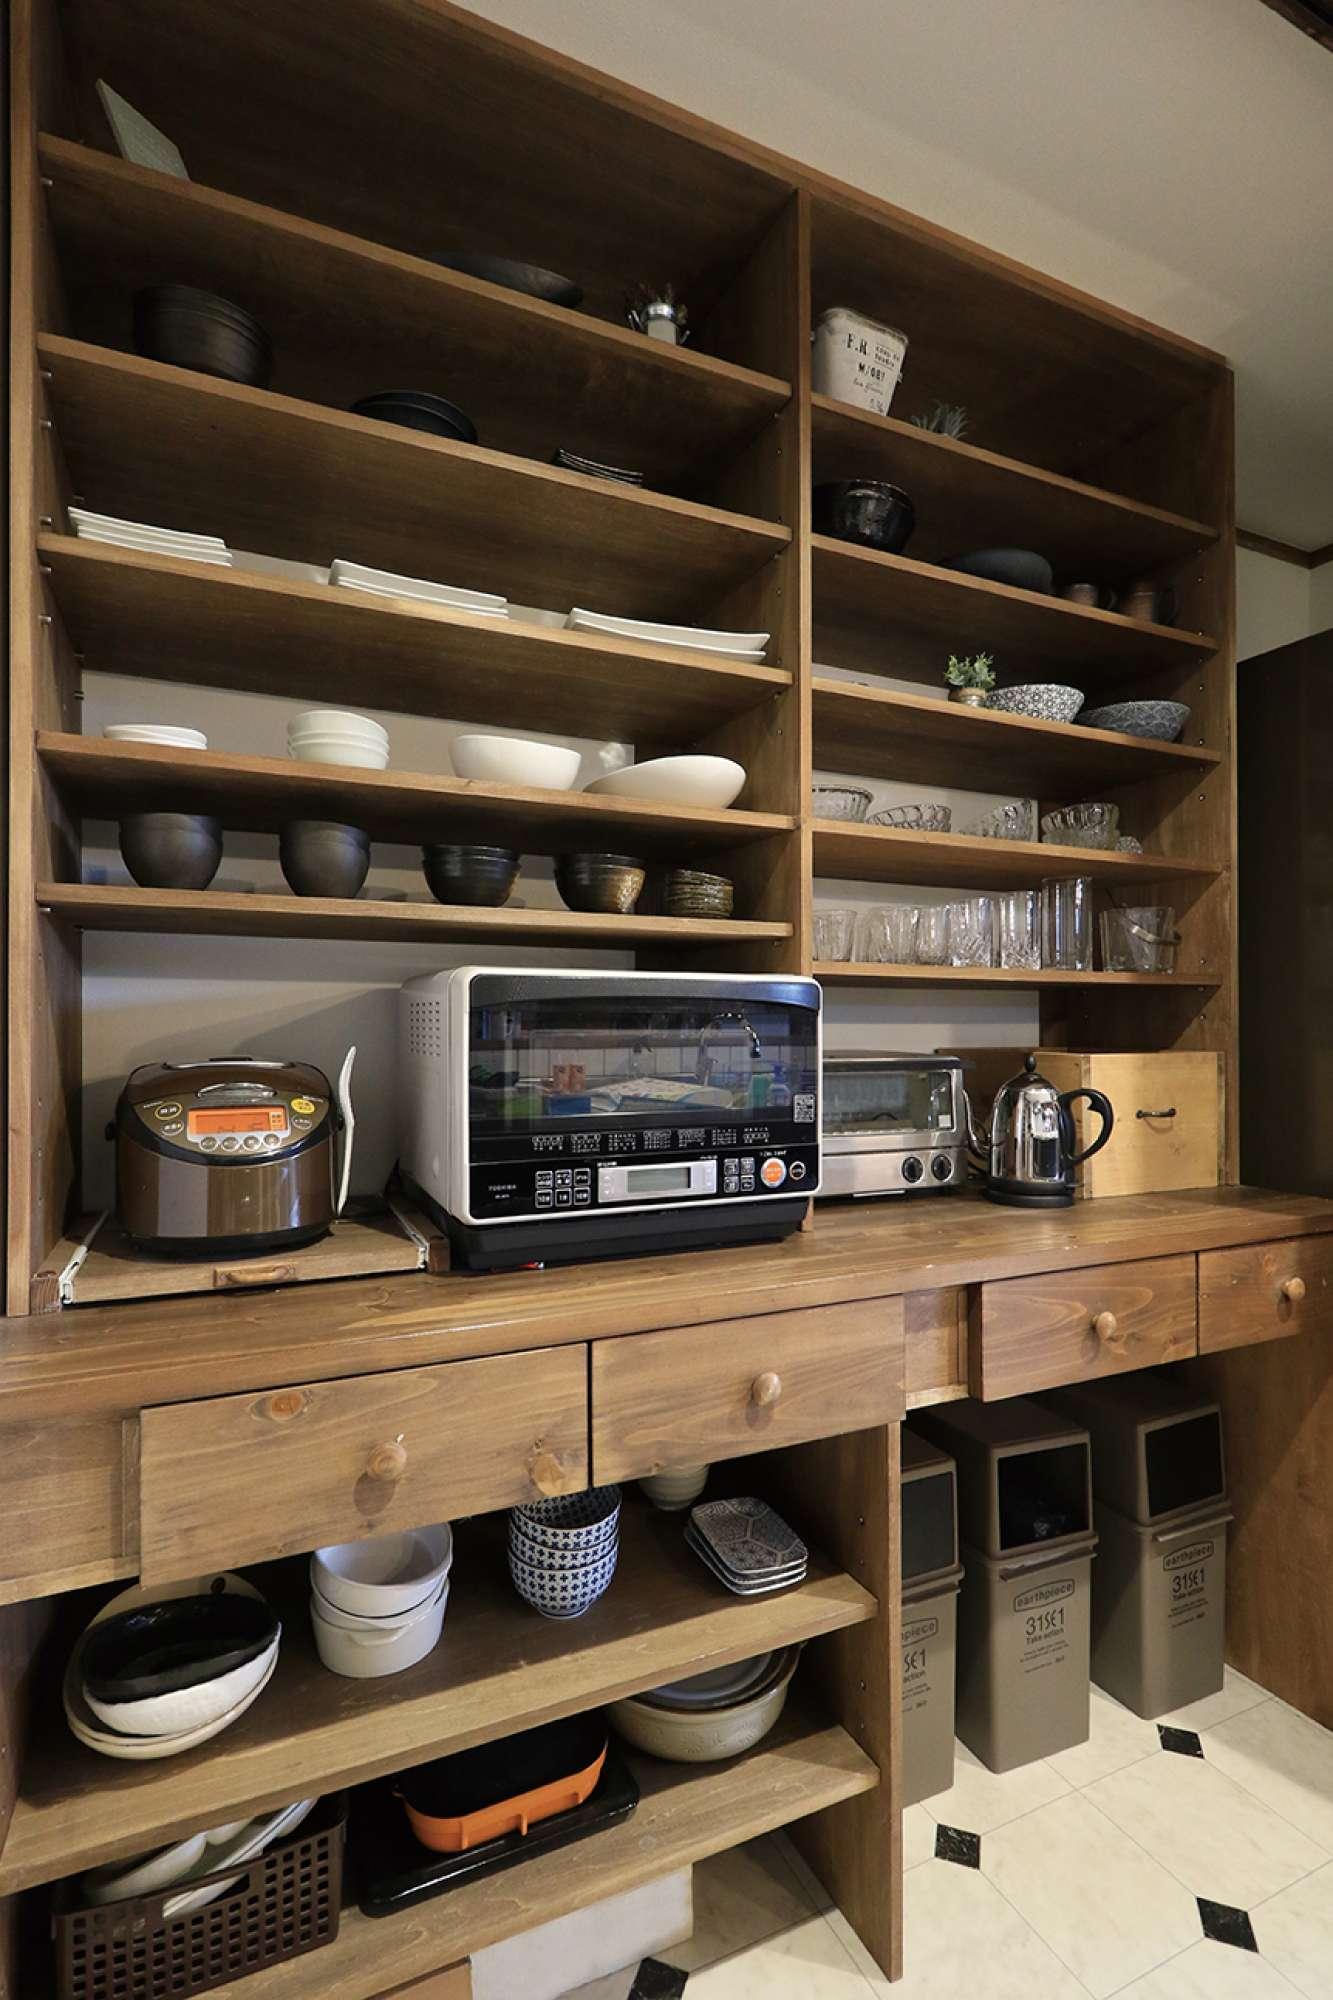 棚の高さなど、使い勝手に配慮した食器棚内部 -  -  -